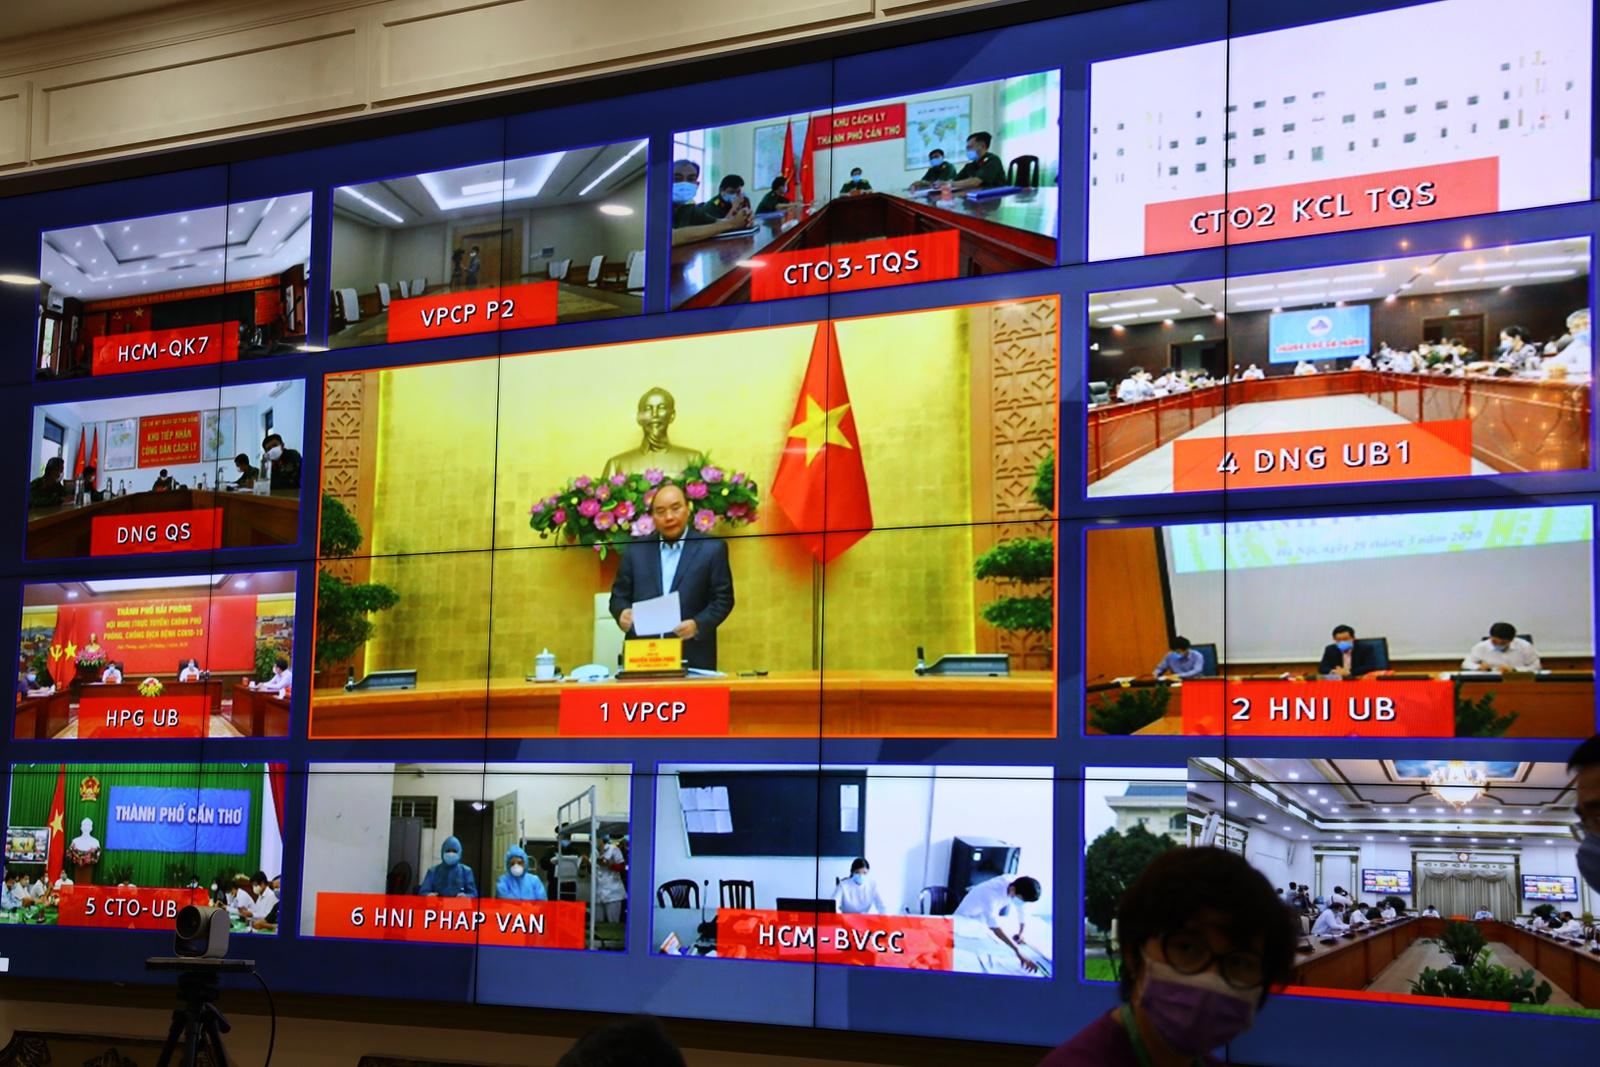 Thủ tướng Nguyễn Xuân Phúc chủ trì buổi thị sát trực tuyến.